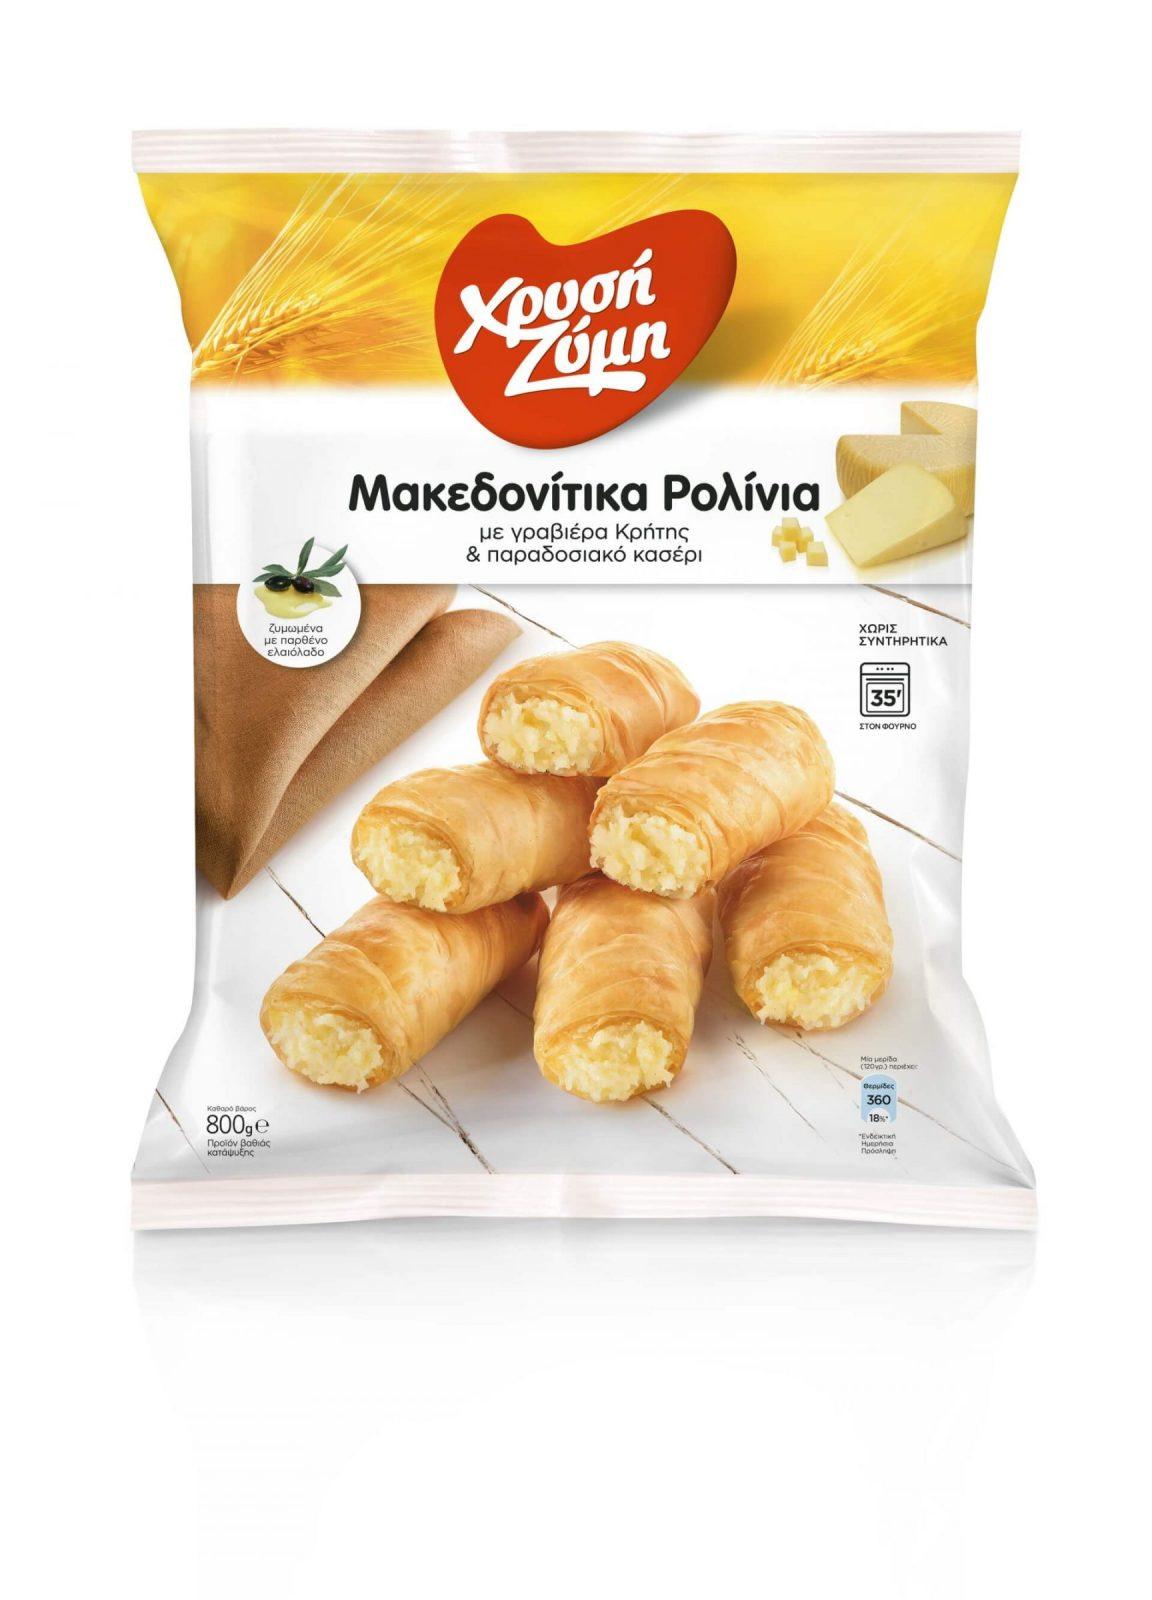 XRYSI ZYMI makedonitika rollinia grabiera 800g scaled